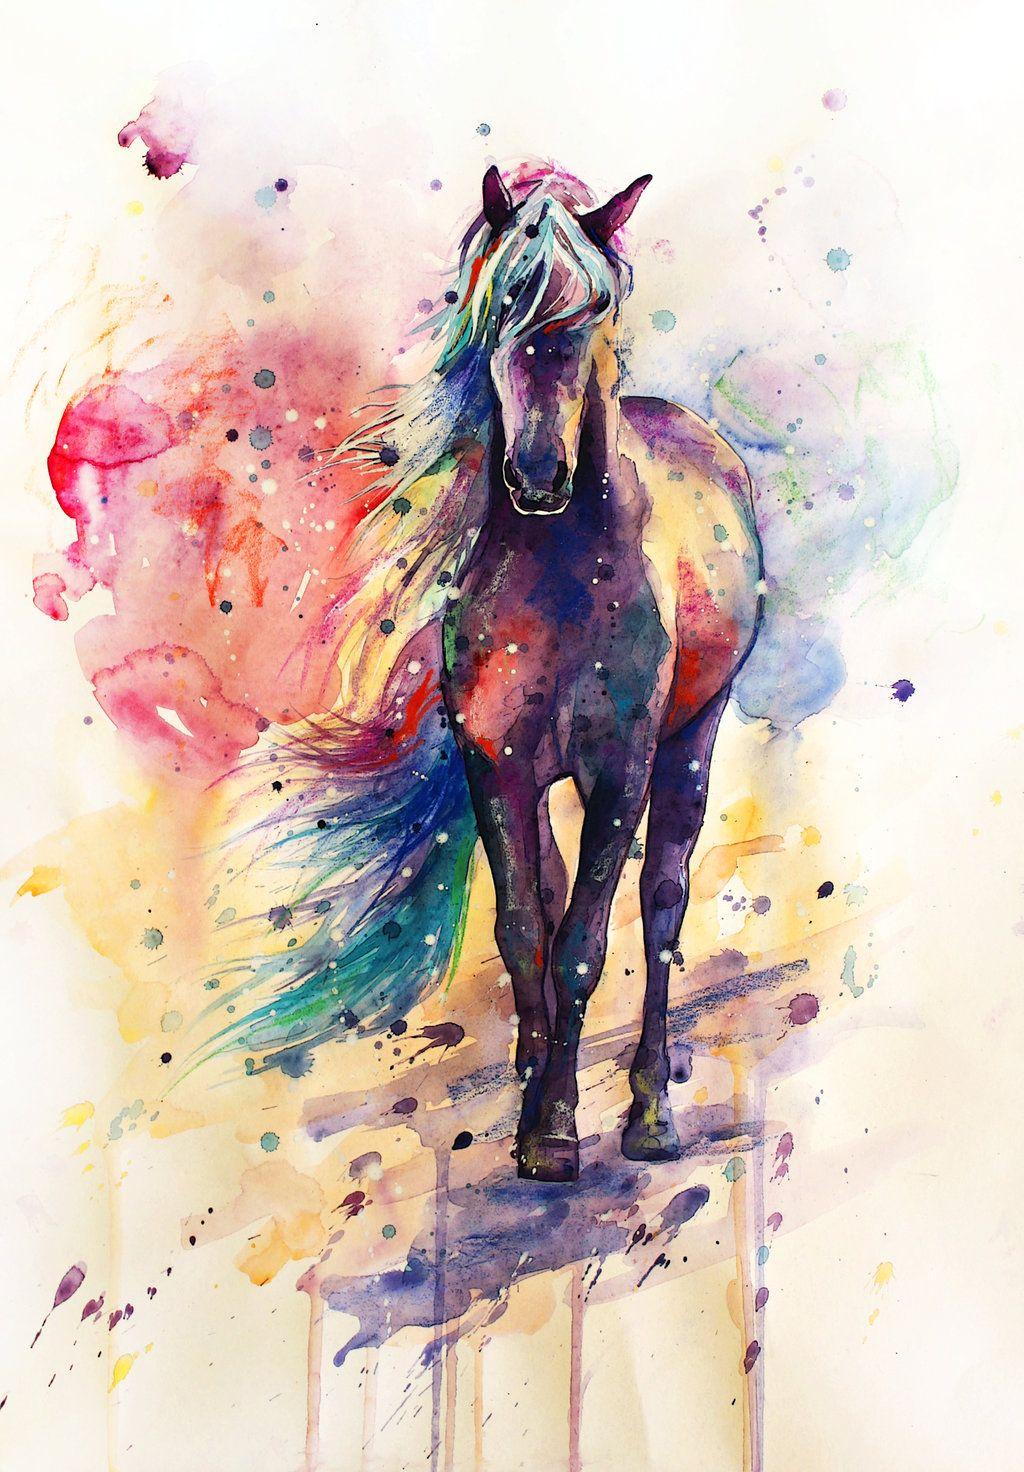 horse aquarell aquarell pinterest. Black Bedroom Furniture Sets. Home Design Ideas